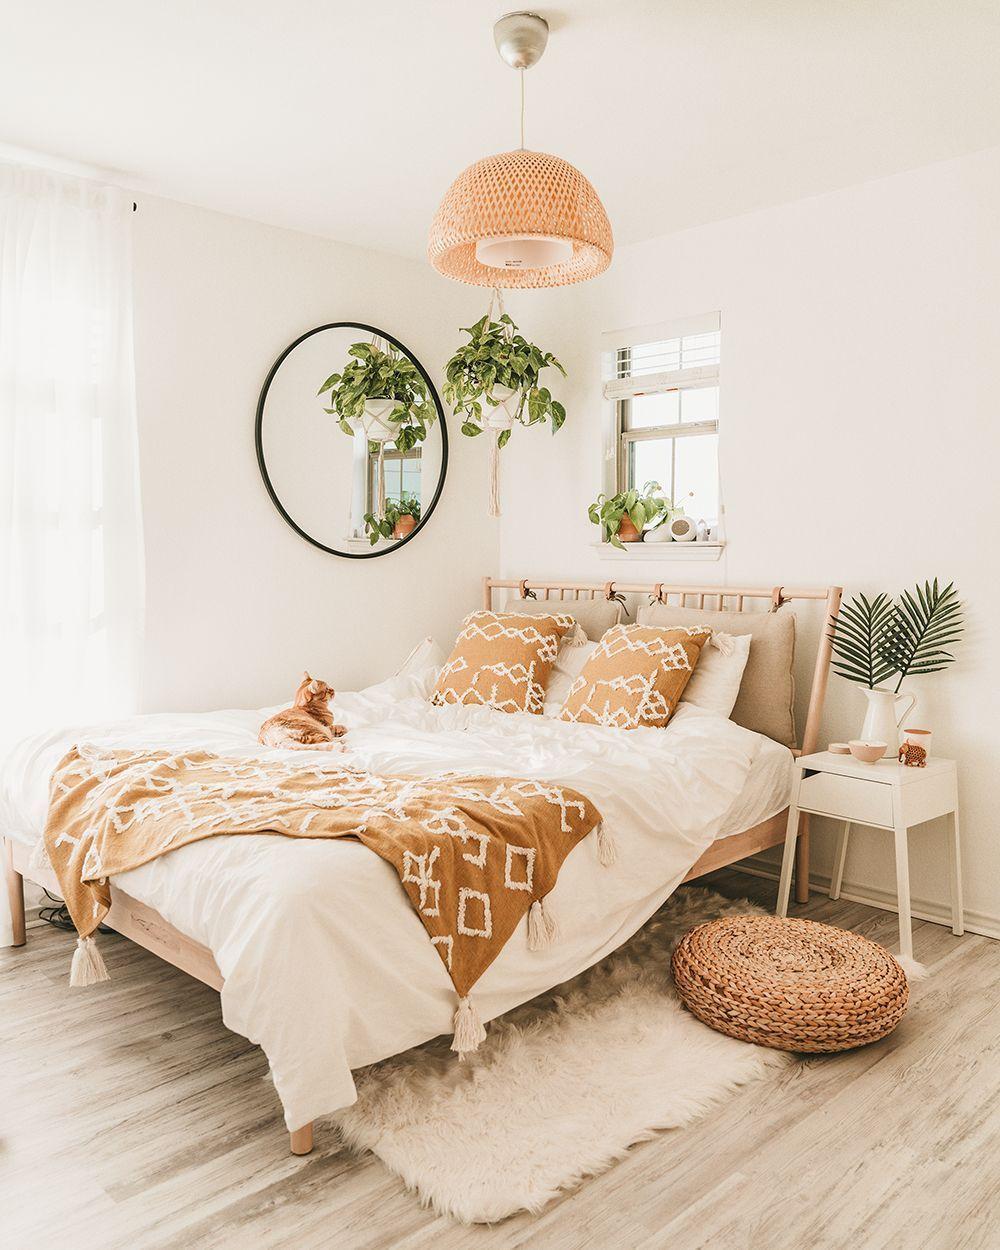 IKEA Bedroom Makeover For Under 600 in 2020 Bedroom